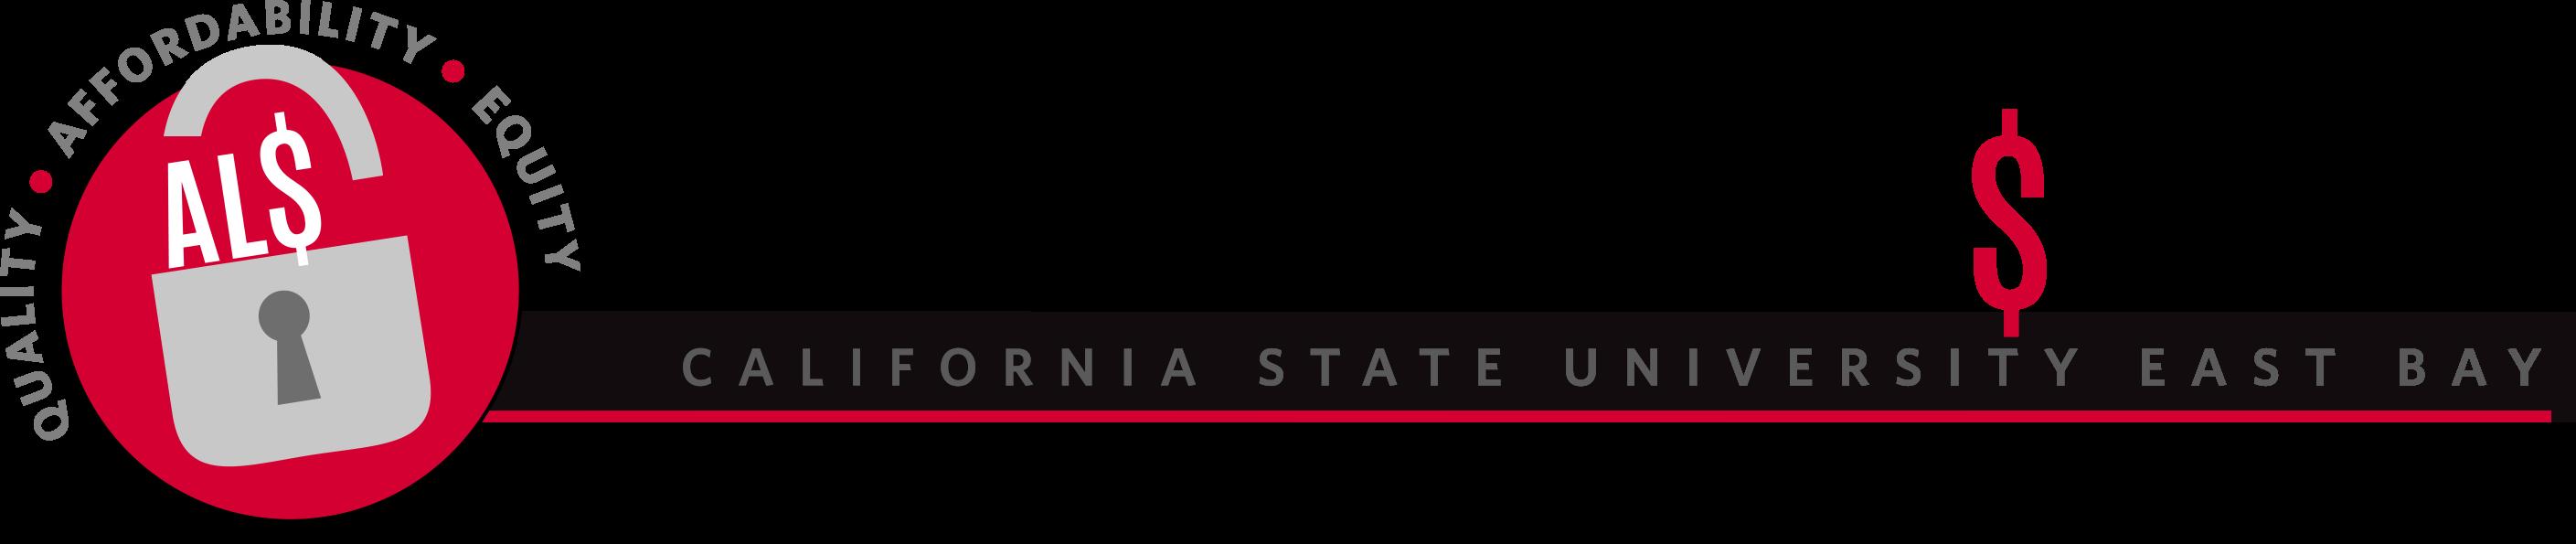 CSUEB ALS logo